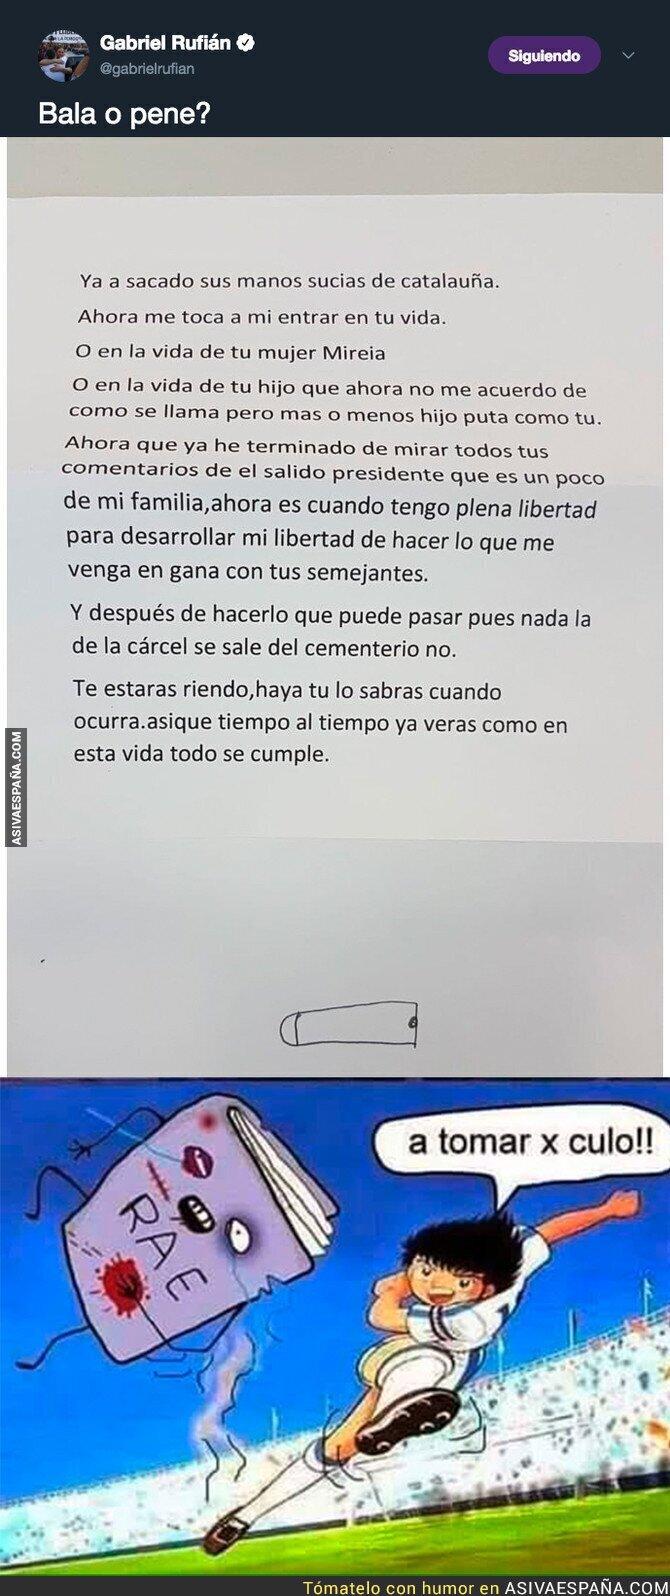 92104 - La carta que amenaza de muerte a Gabriel Rufián que ha recibido y compartido en redes sociales